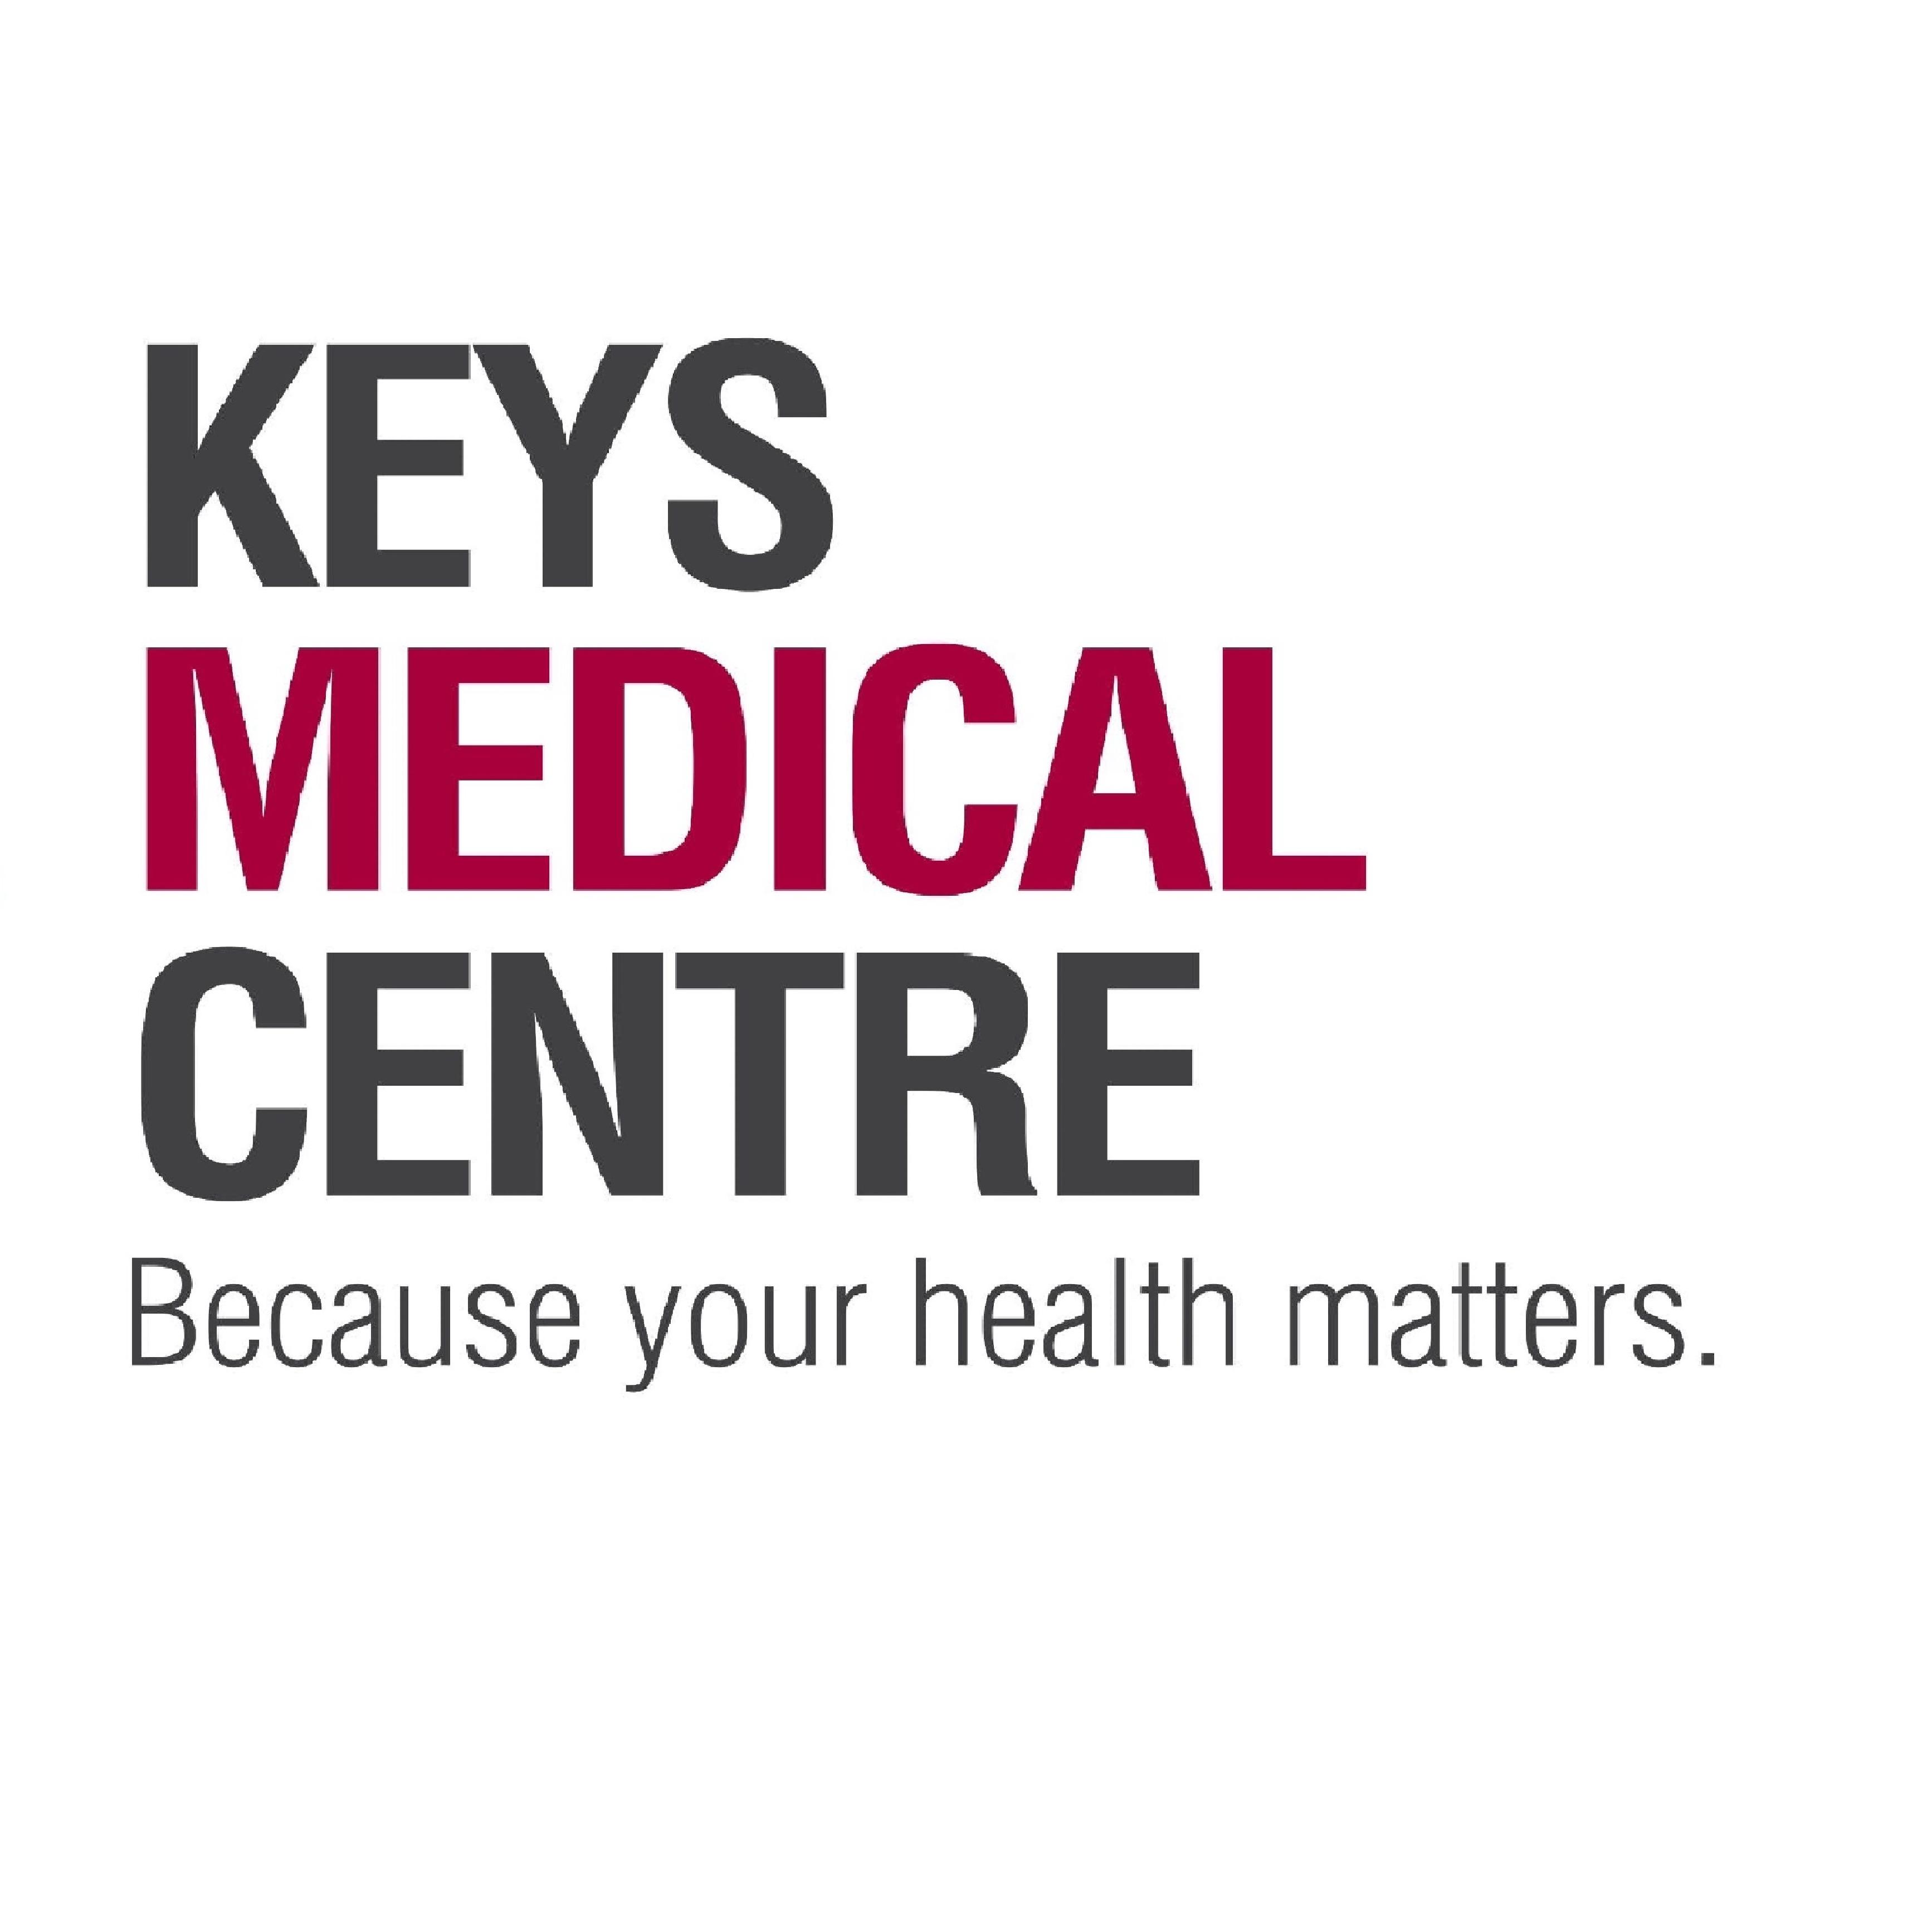 Keys Medical Centre